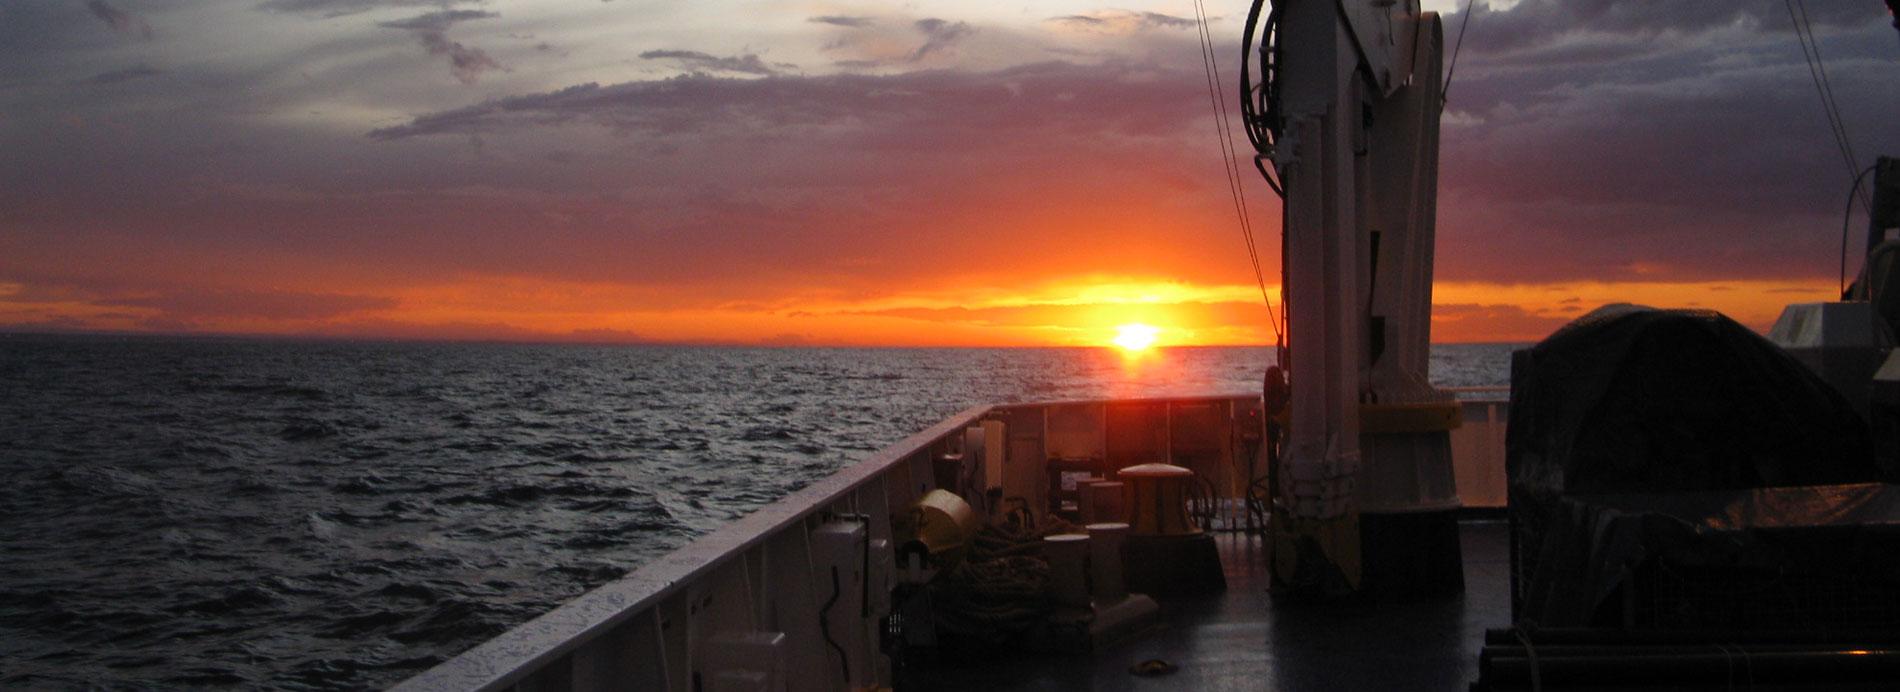 Study, monitor and predict the Mediterranean sea